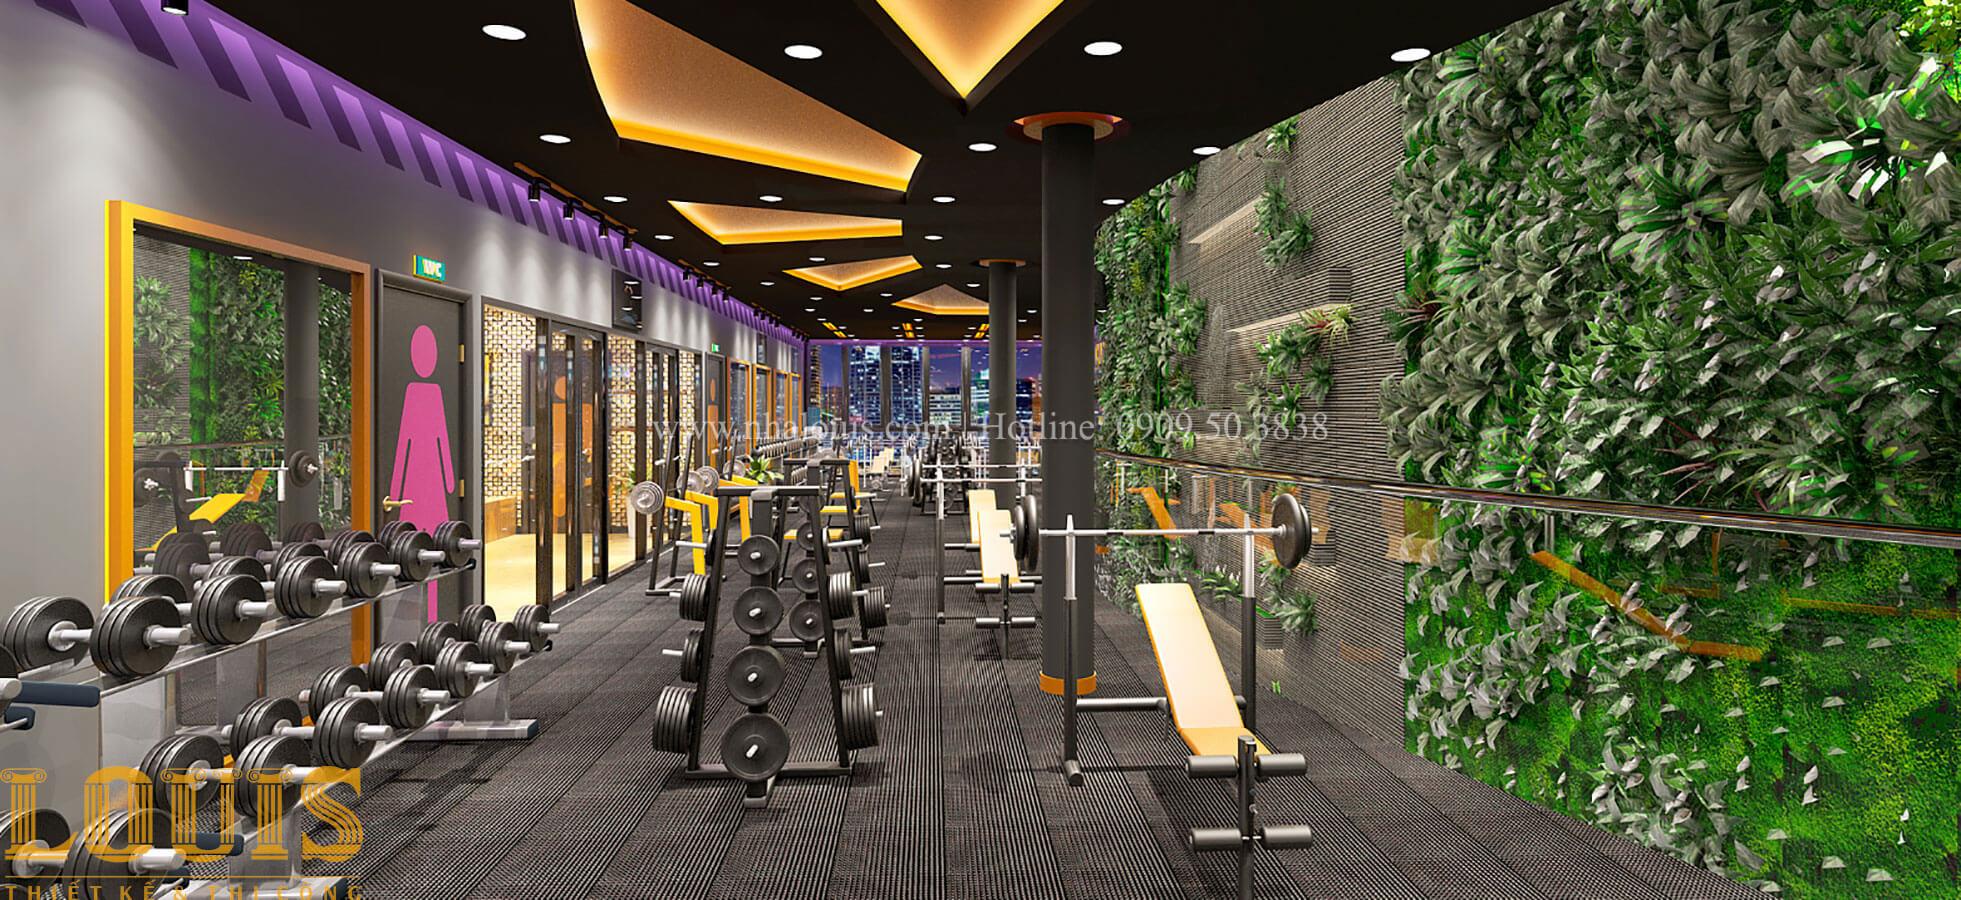 Phòng tập Thiết kế phòng tập gym hiện đại với quy mô khủng tại Quận 9 - 21